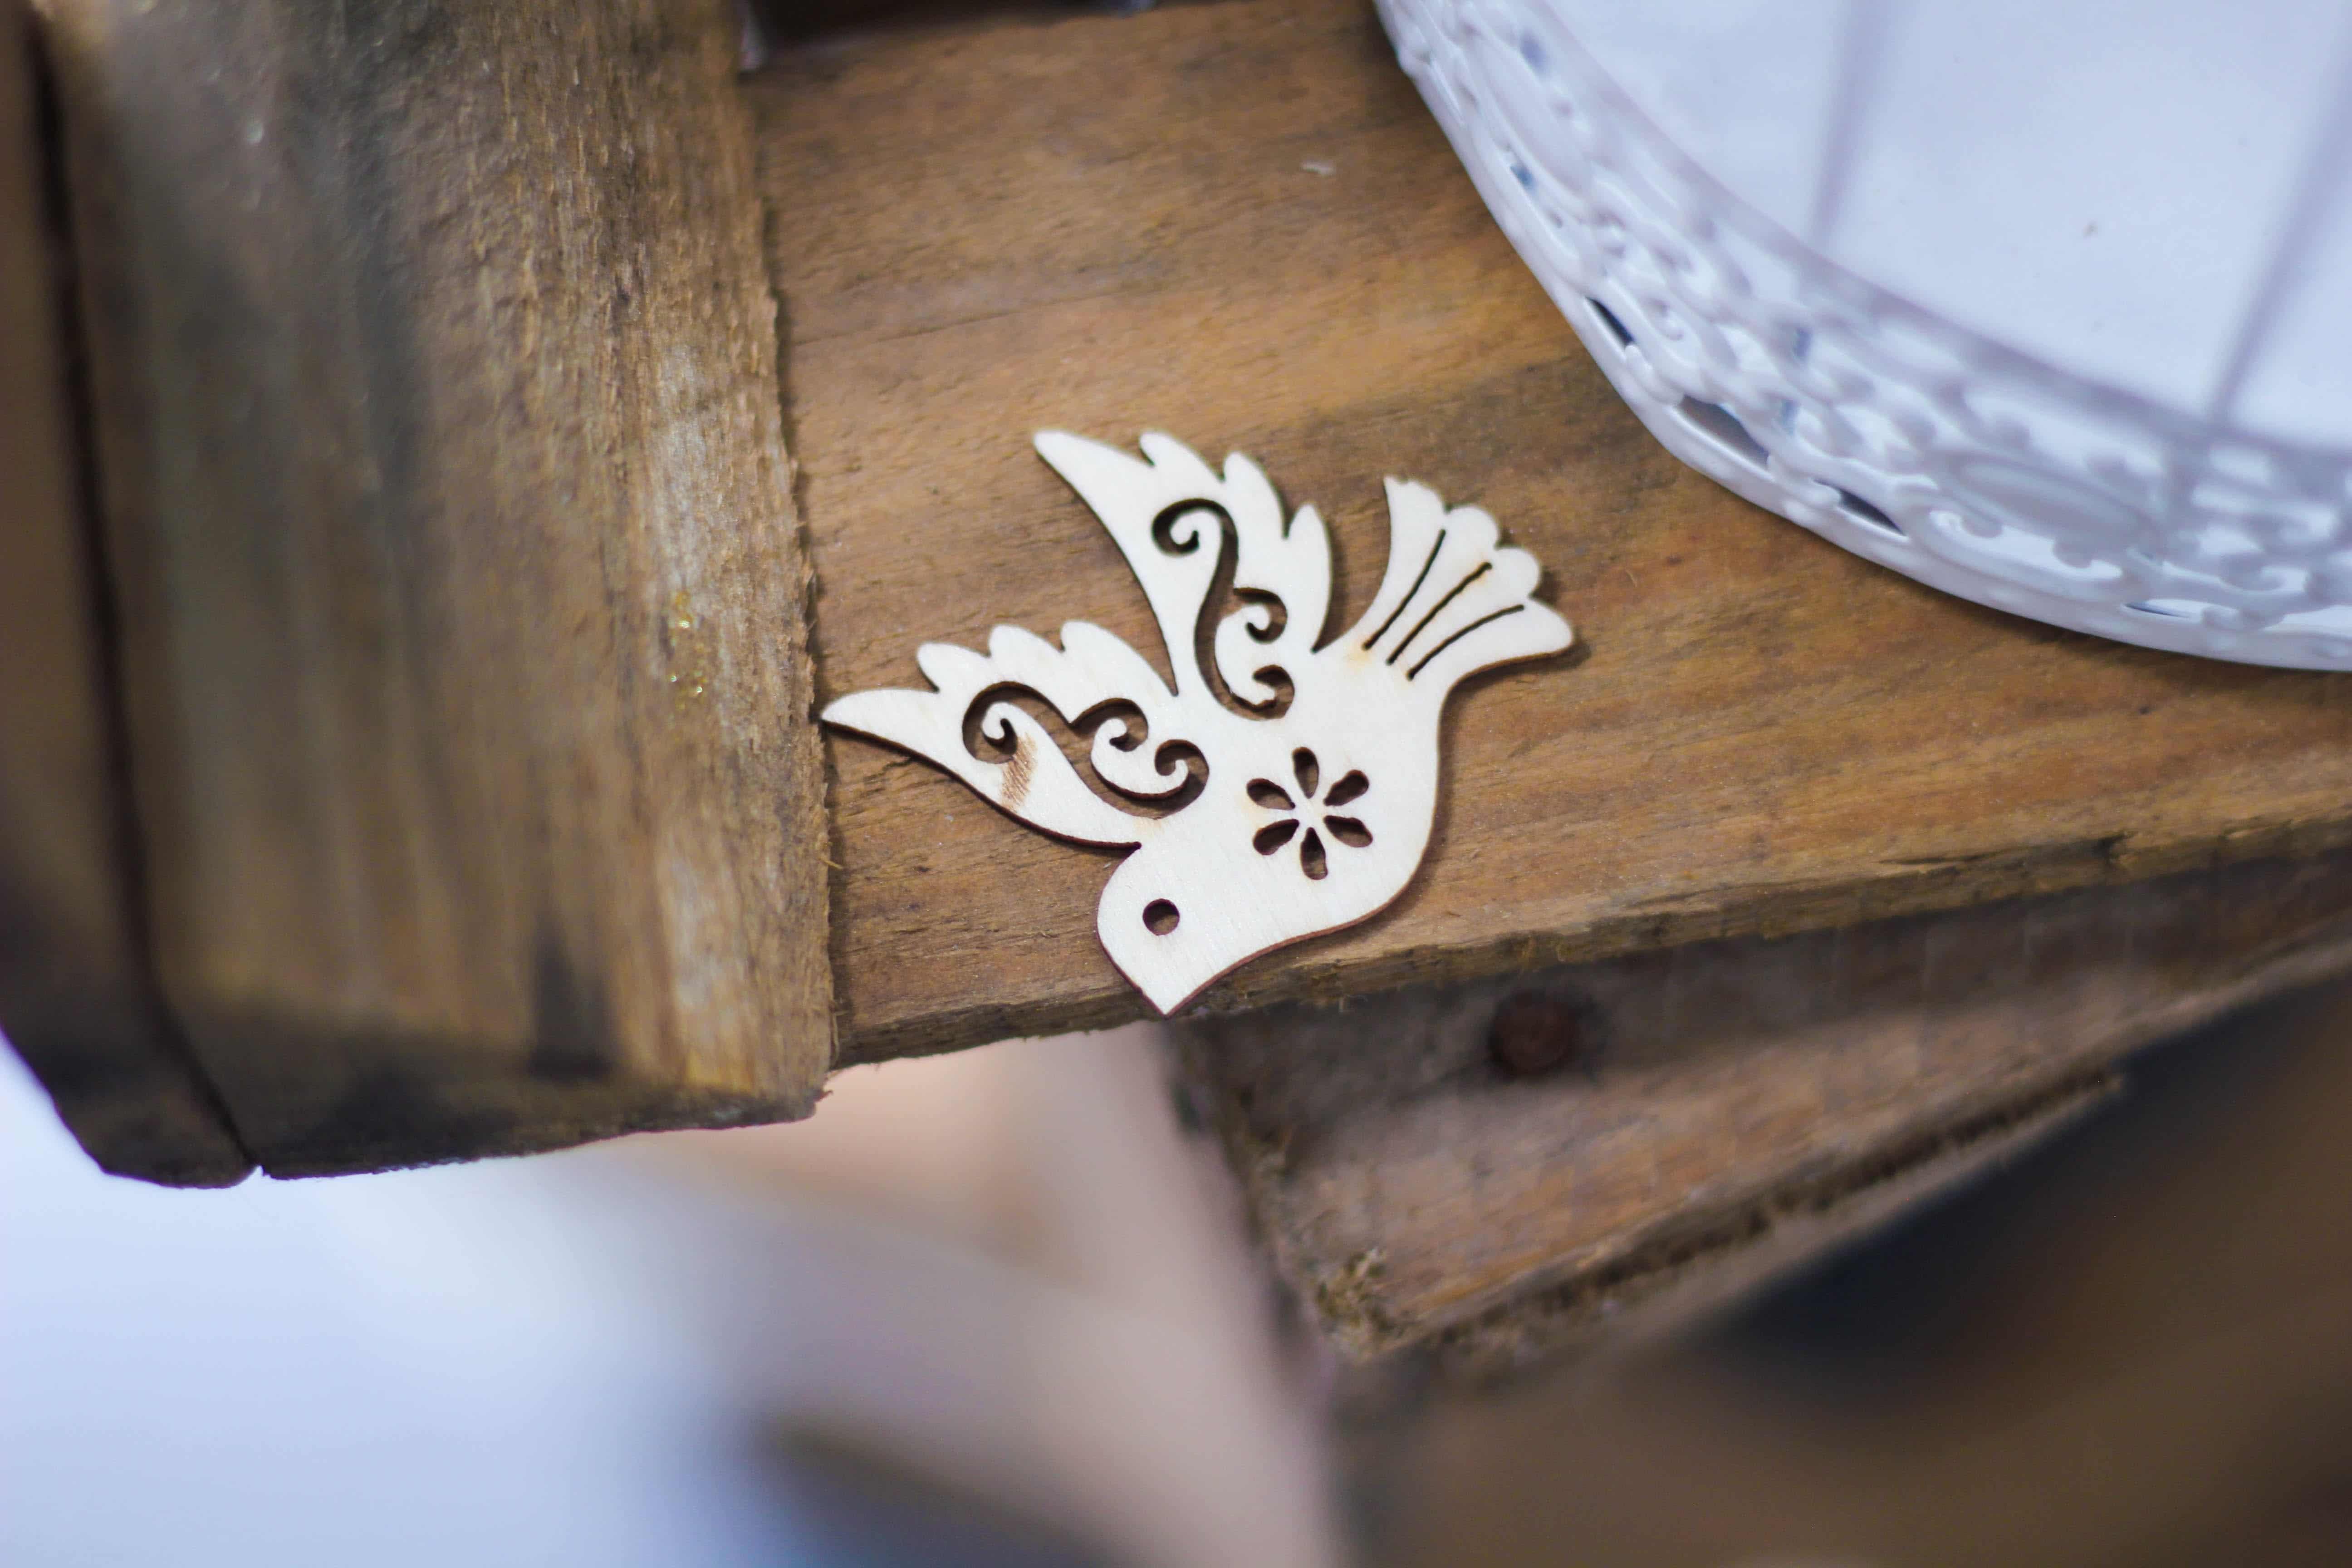 Eine Taube aus Metall auf einem Tisch